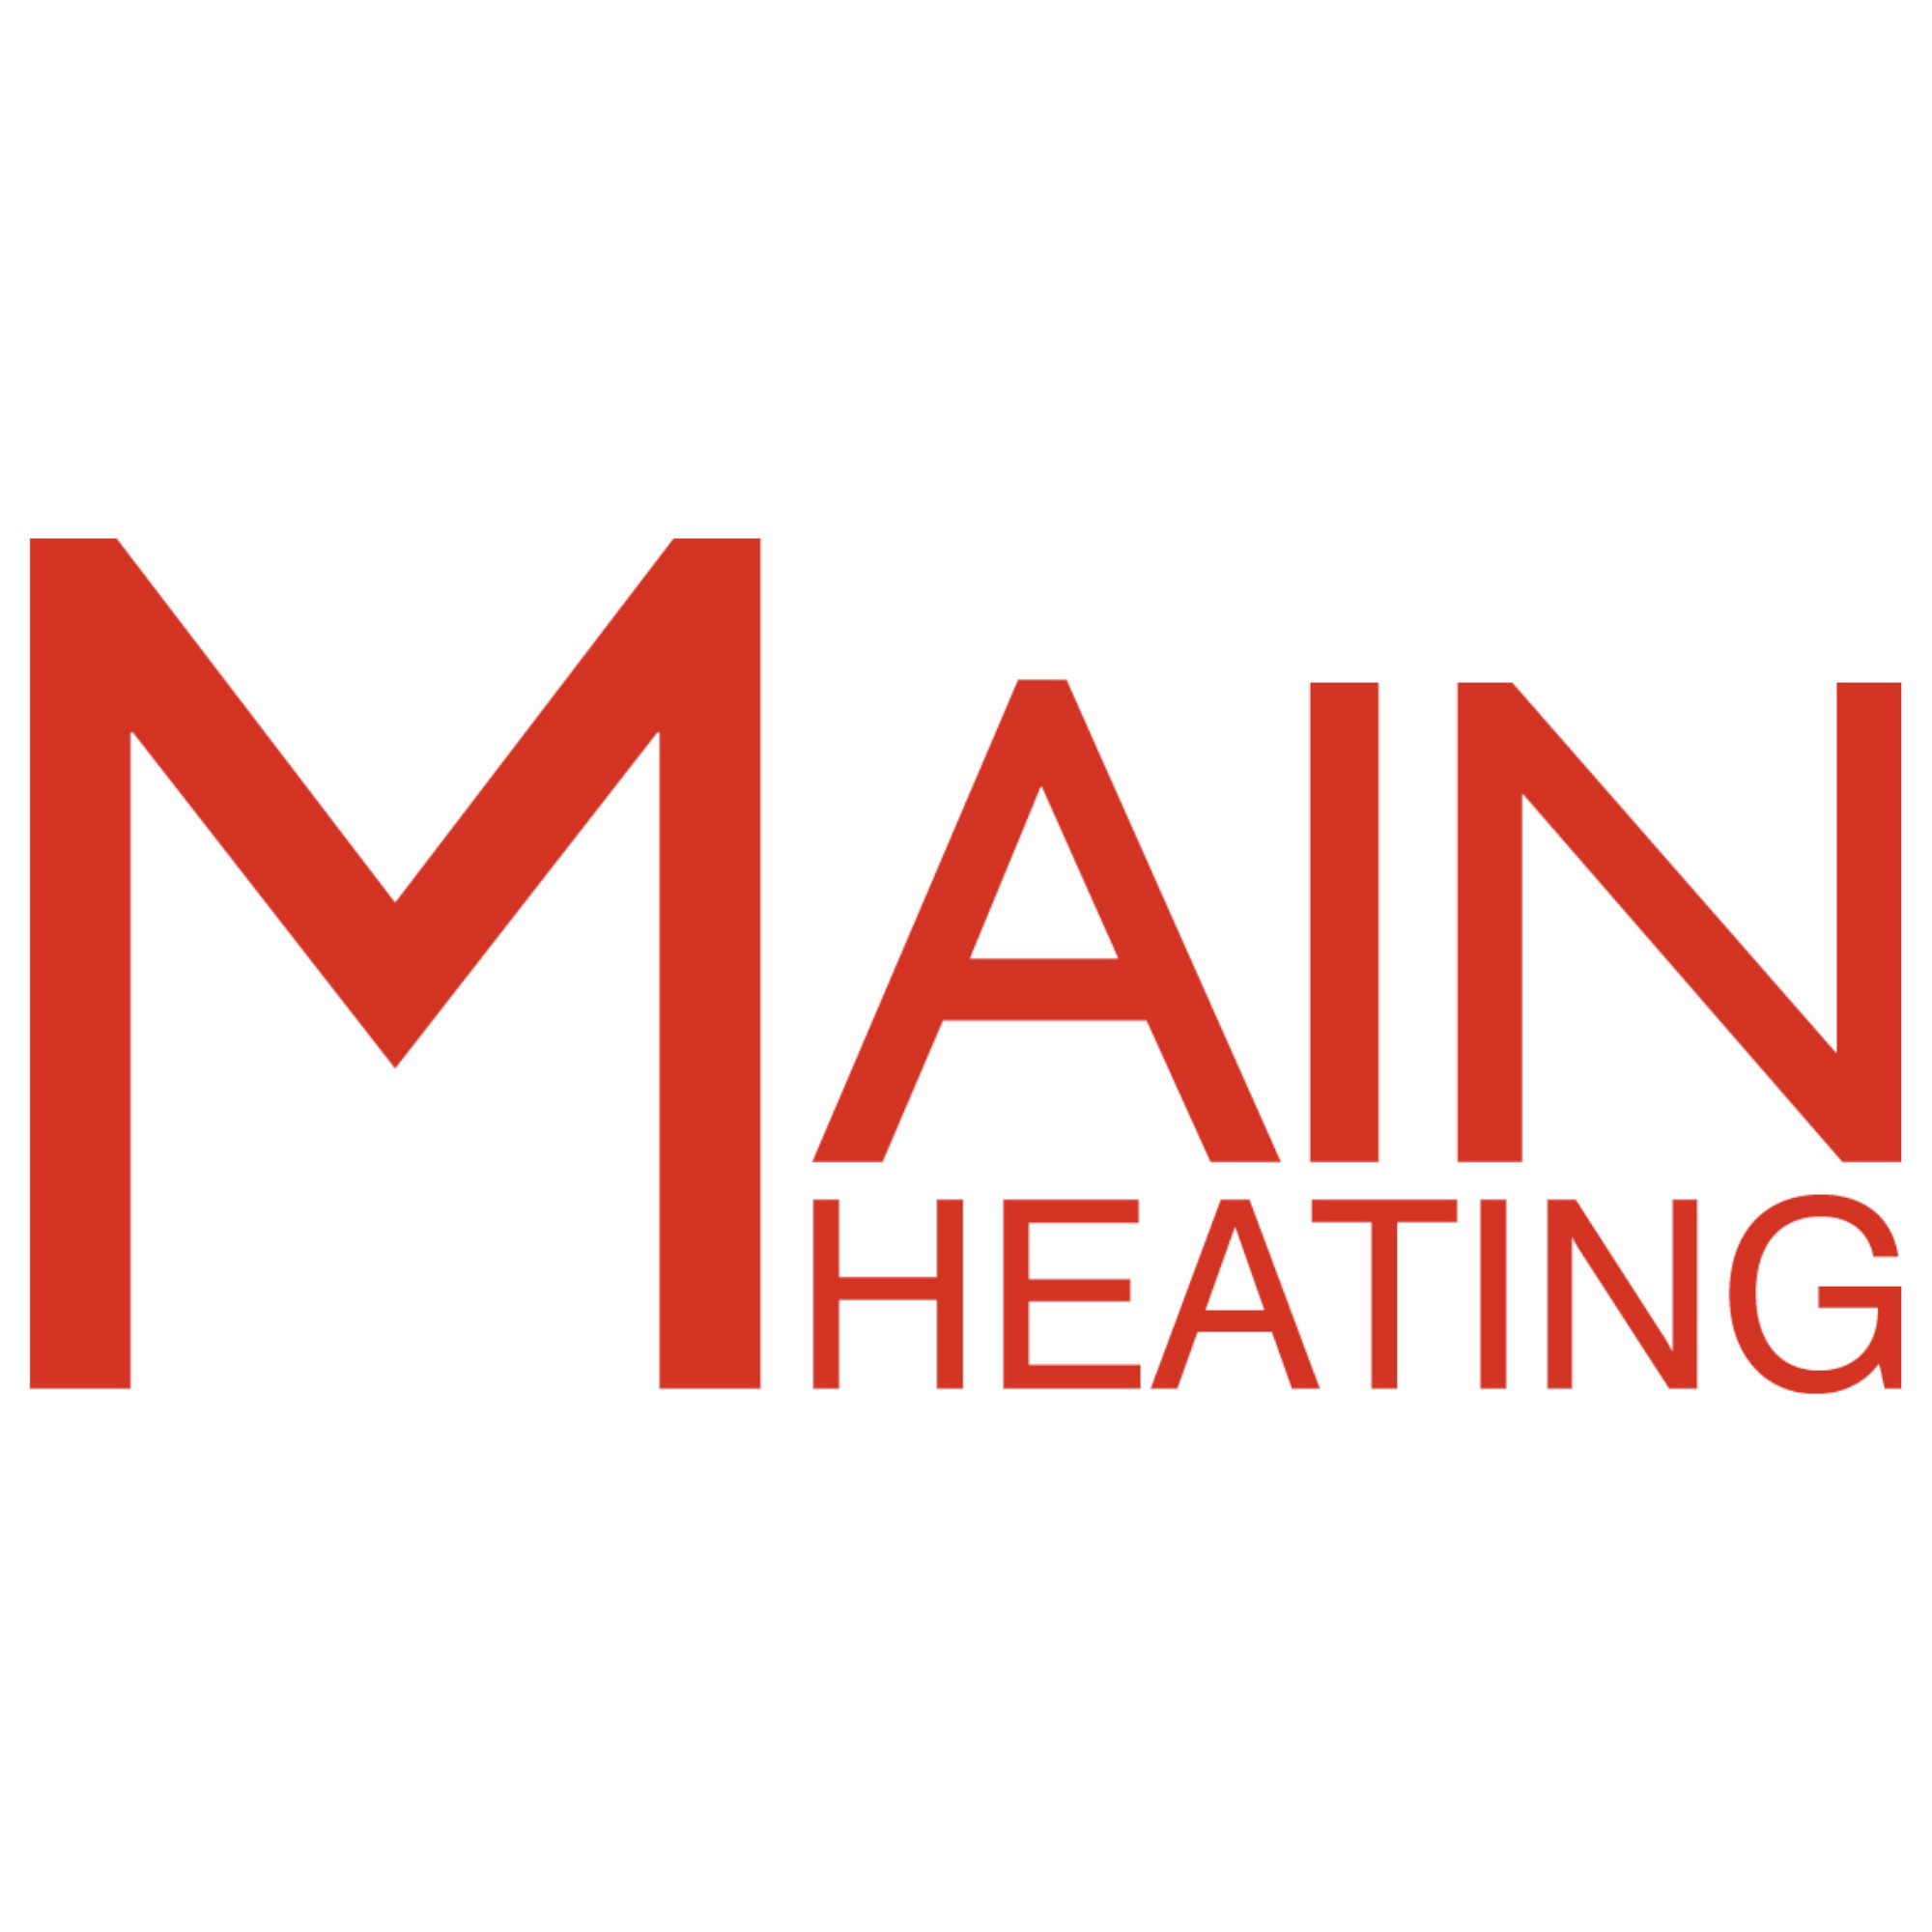 Main Brand Image